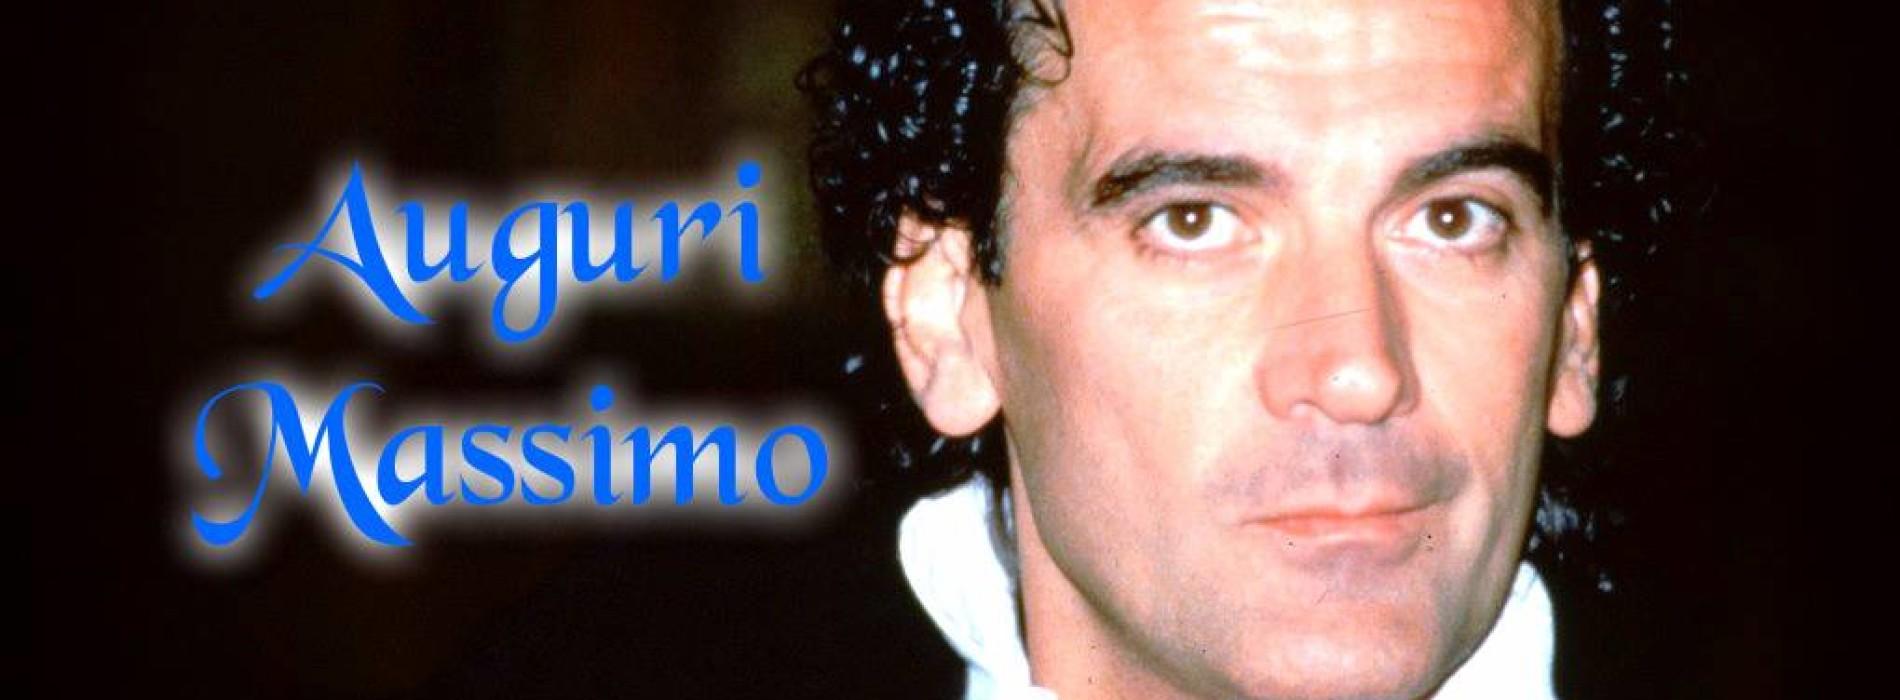 Buon Compleanno Massimo Troisi